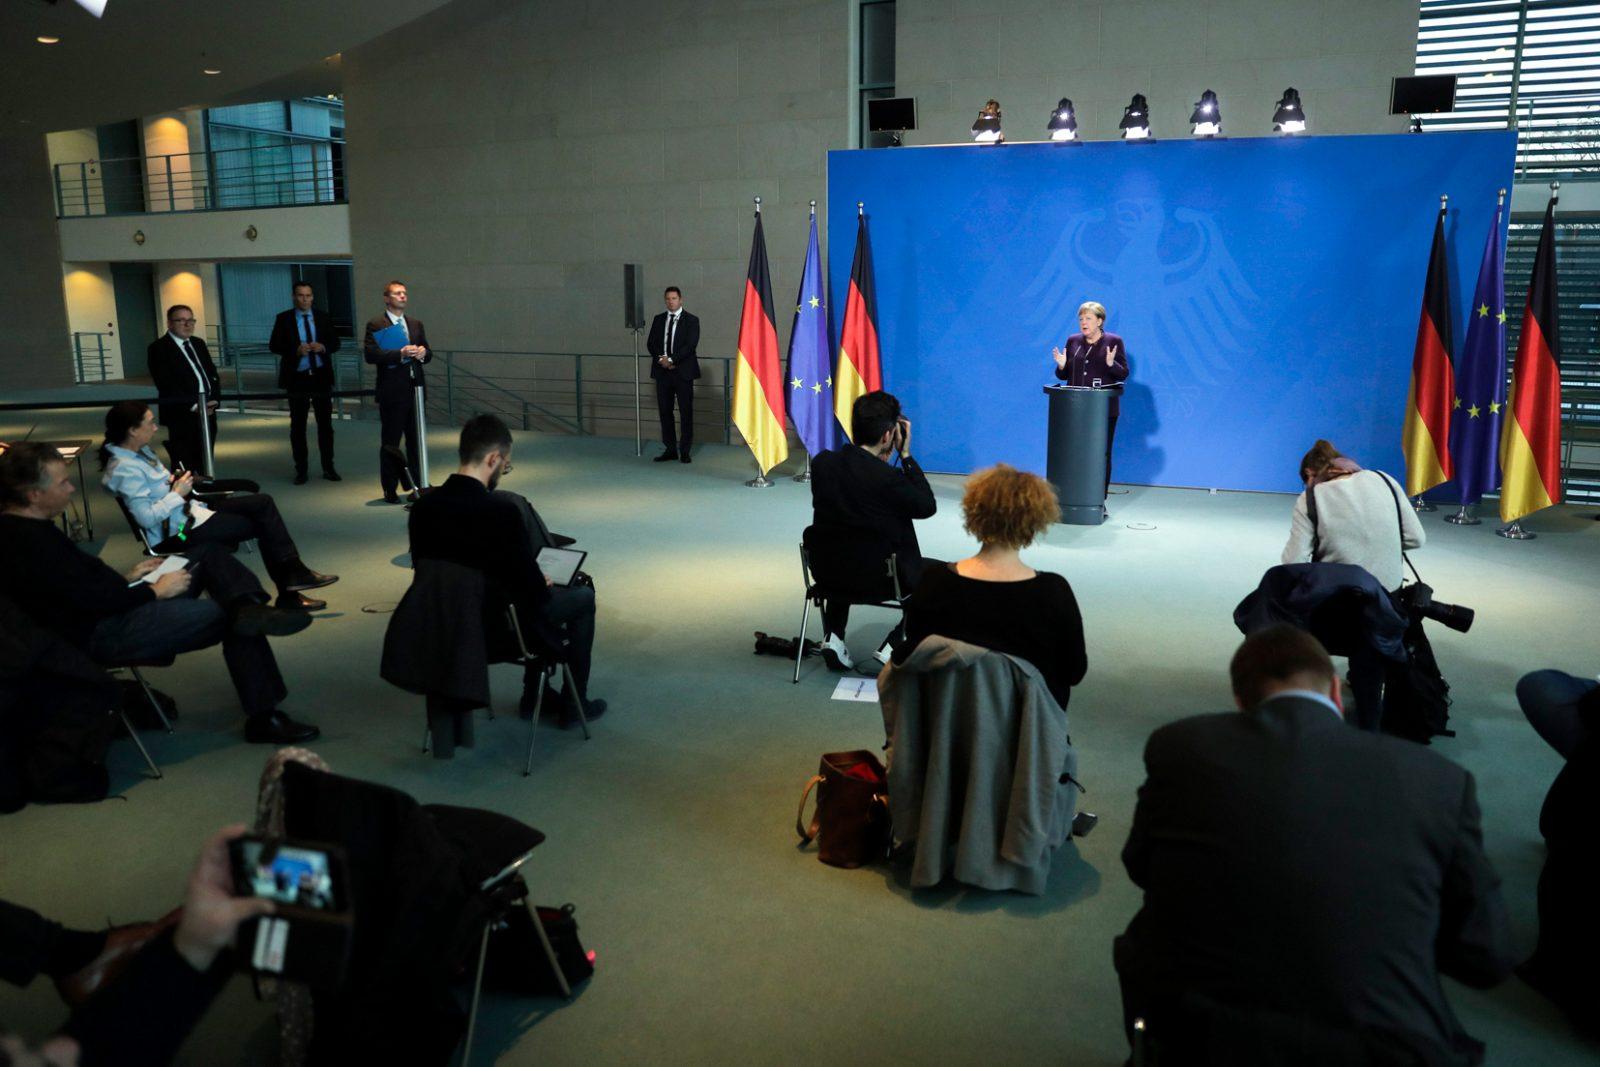 Pressekonferenz mit Angela Merkel (CDU)